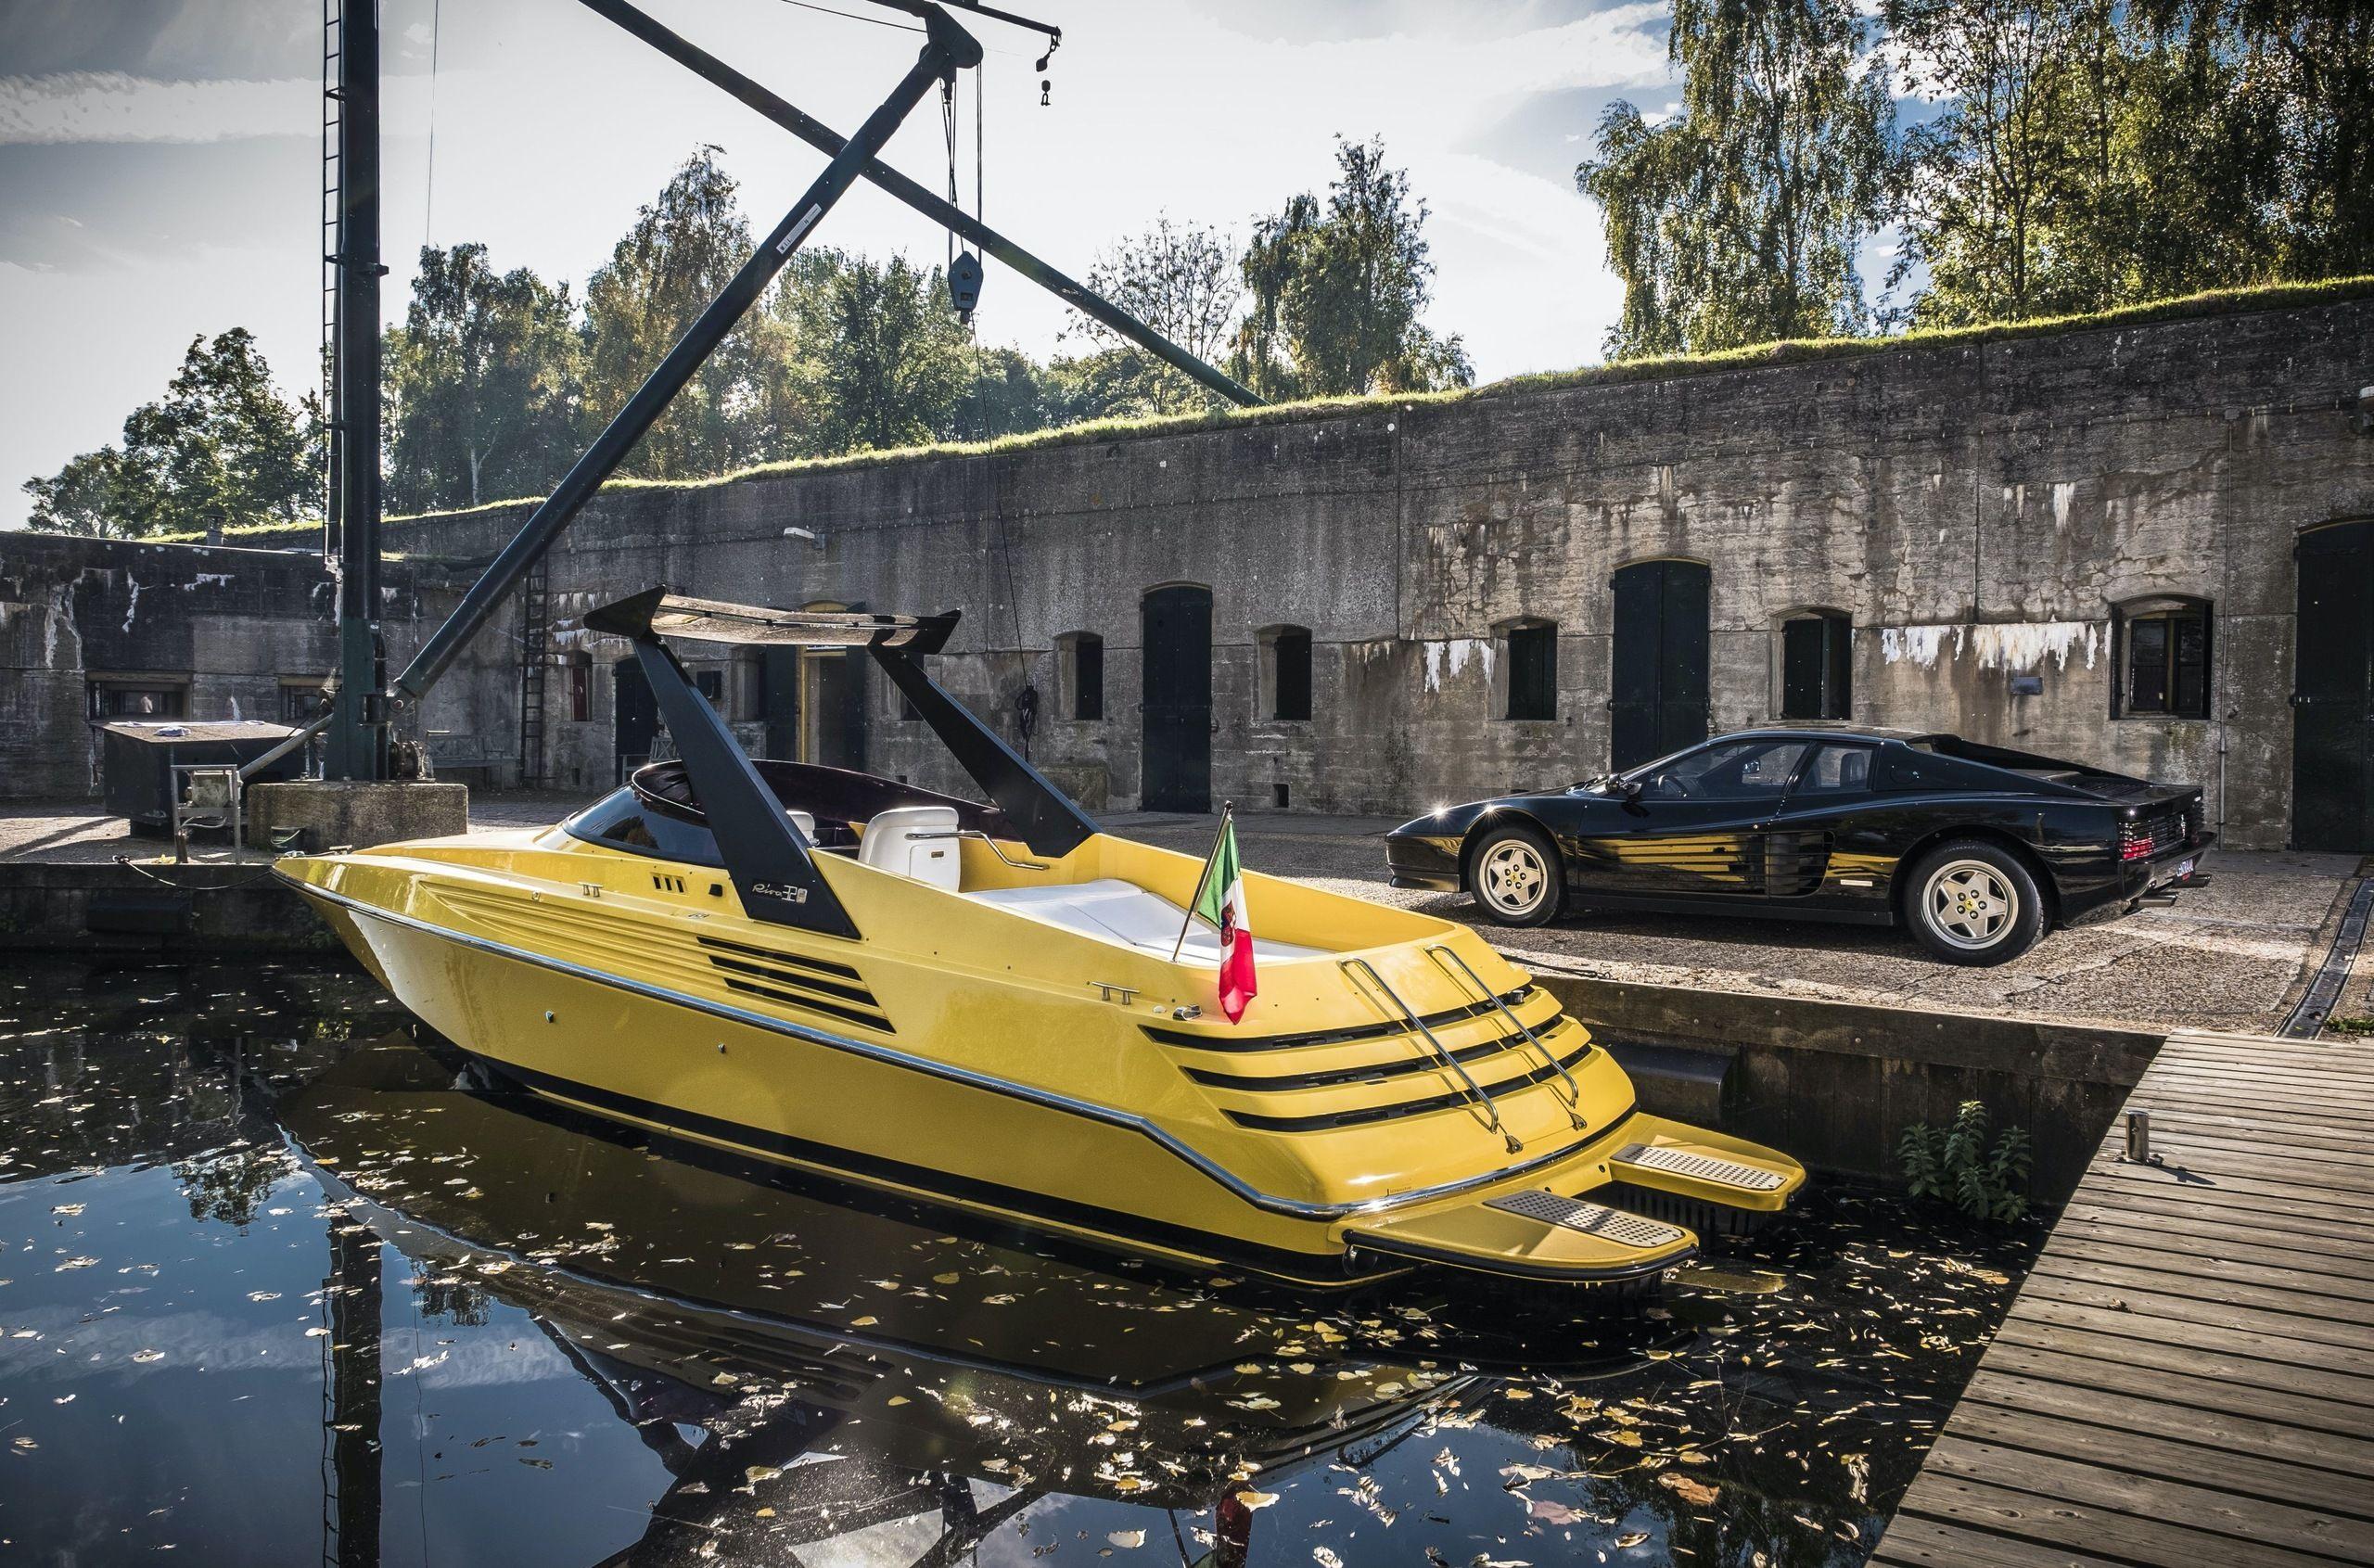 Суперкатер Riva 32 Ferrari виставили на торги, з оціночною вартістю більше 100 тисяч євро